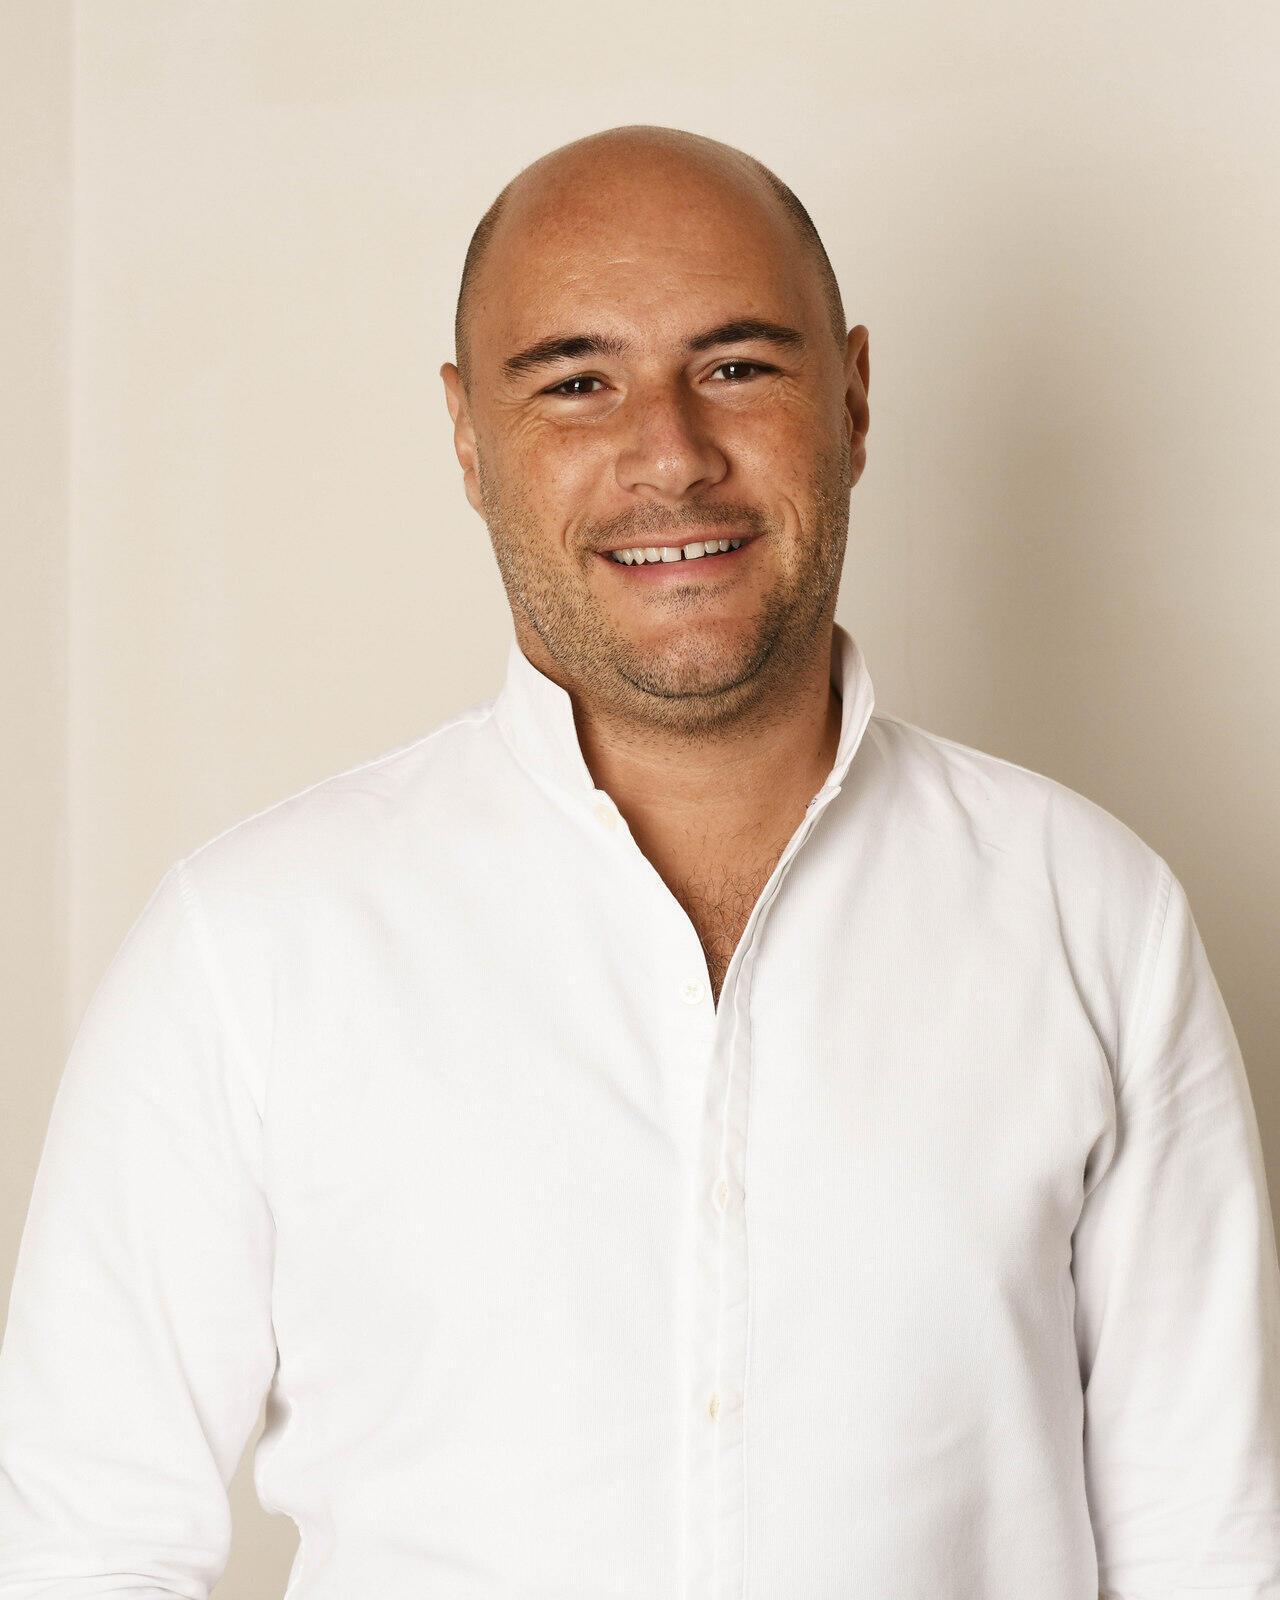 O fundador da plataforma Socios.com, Alexandre Dreyfus